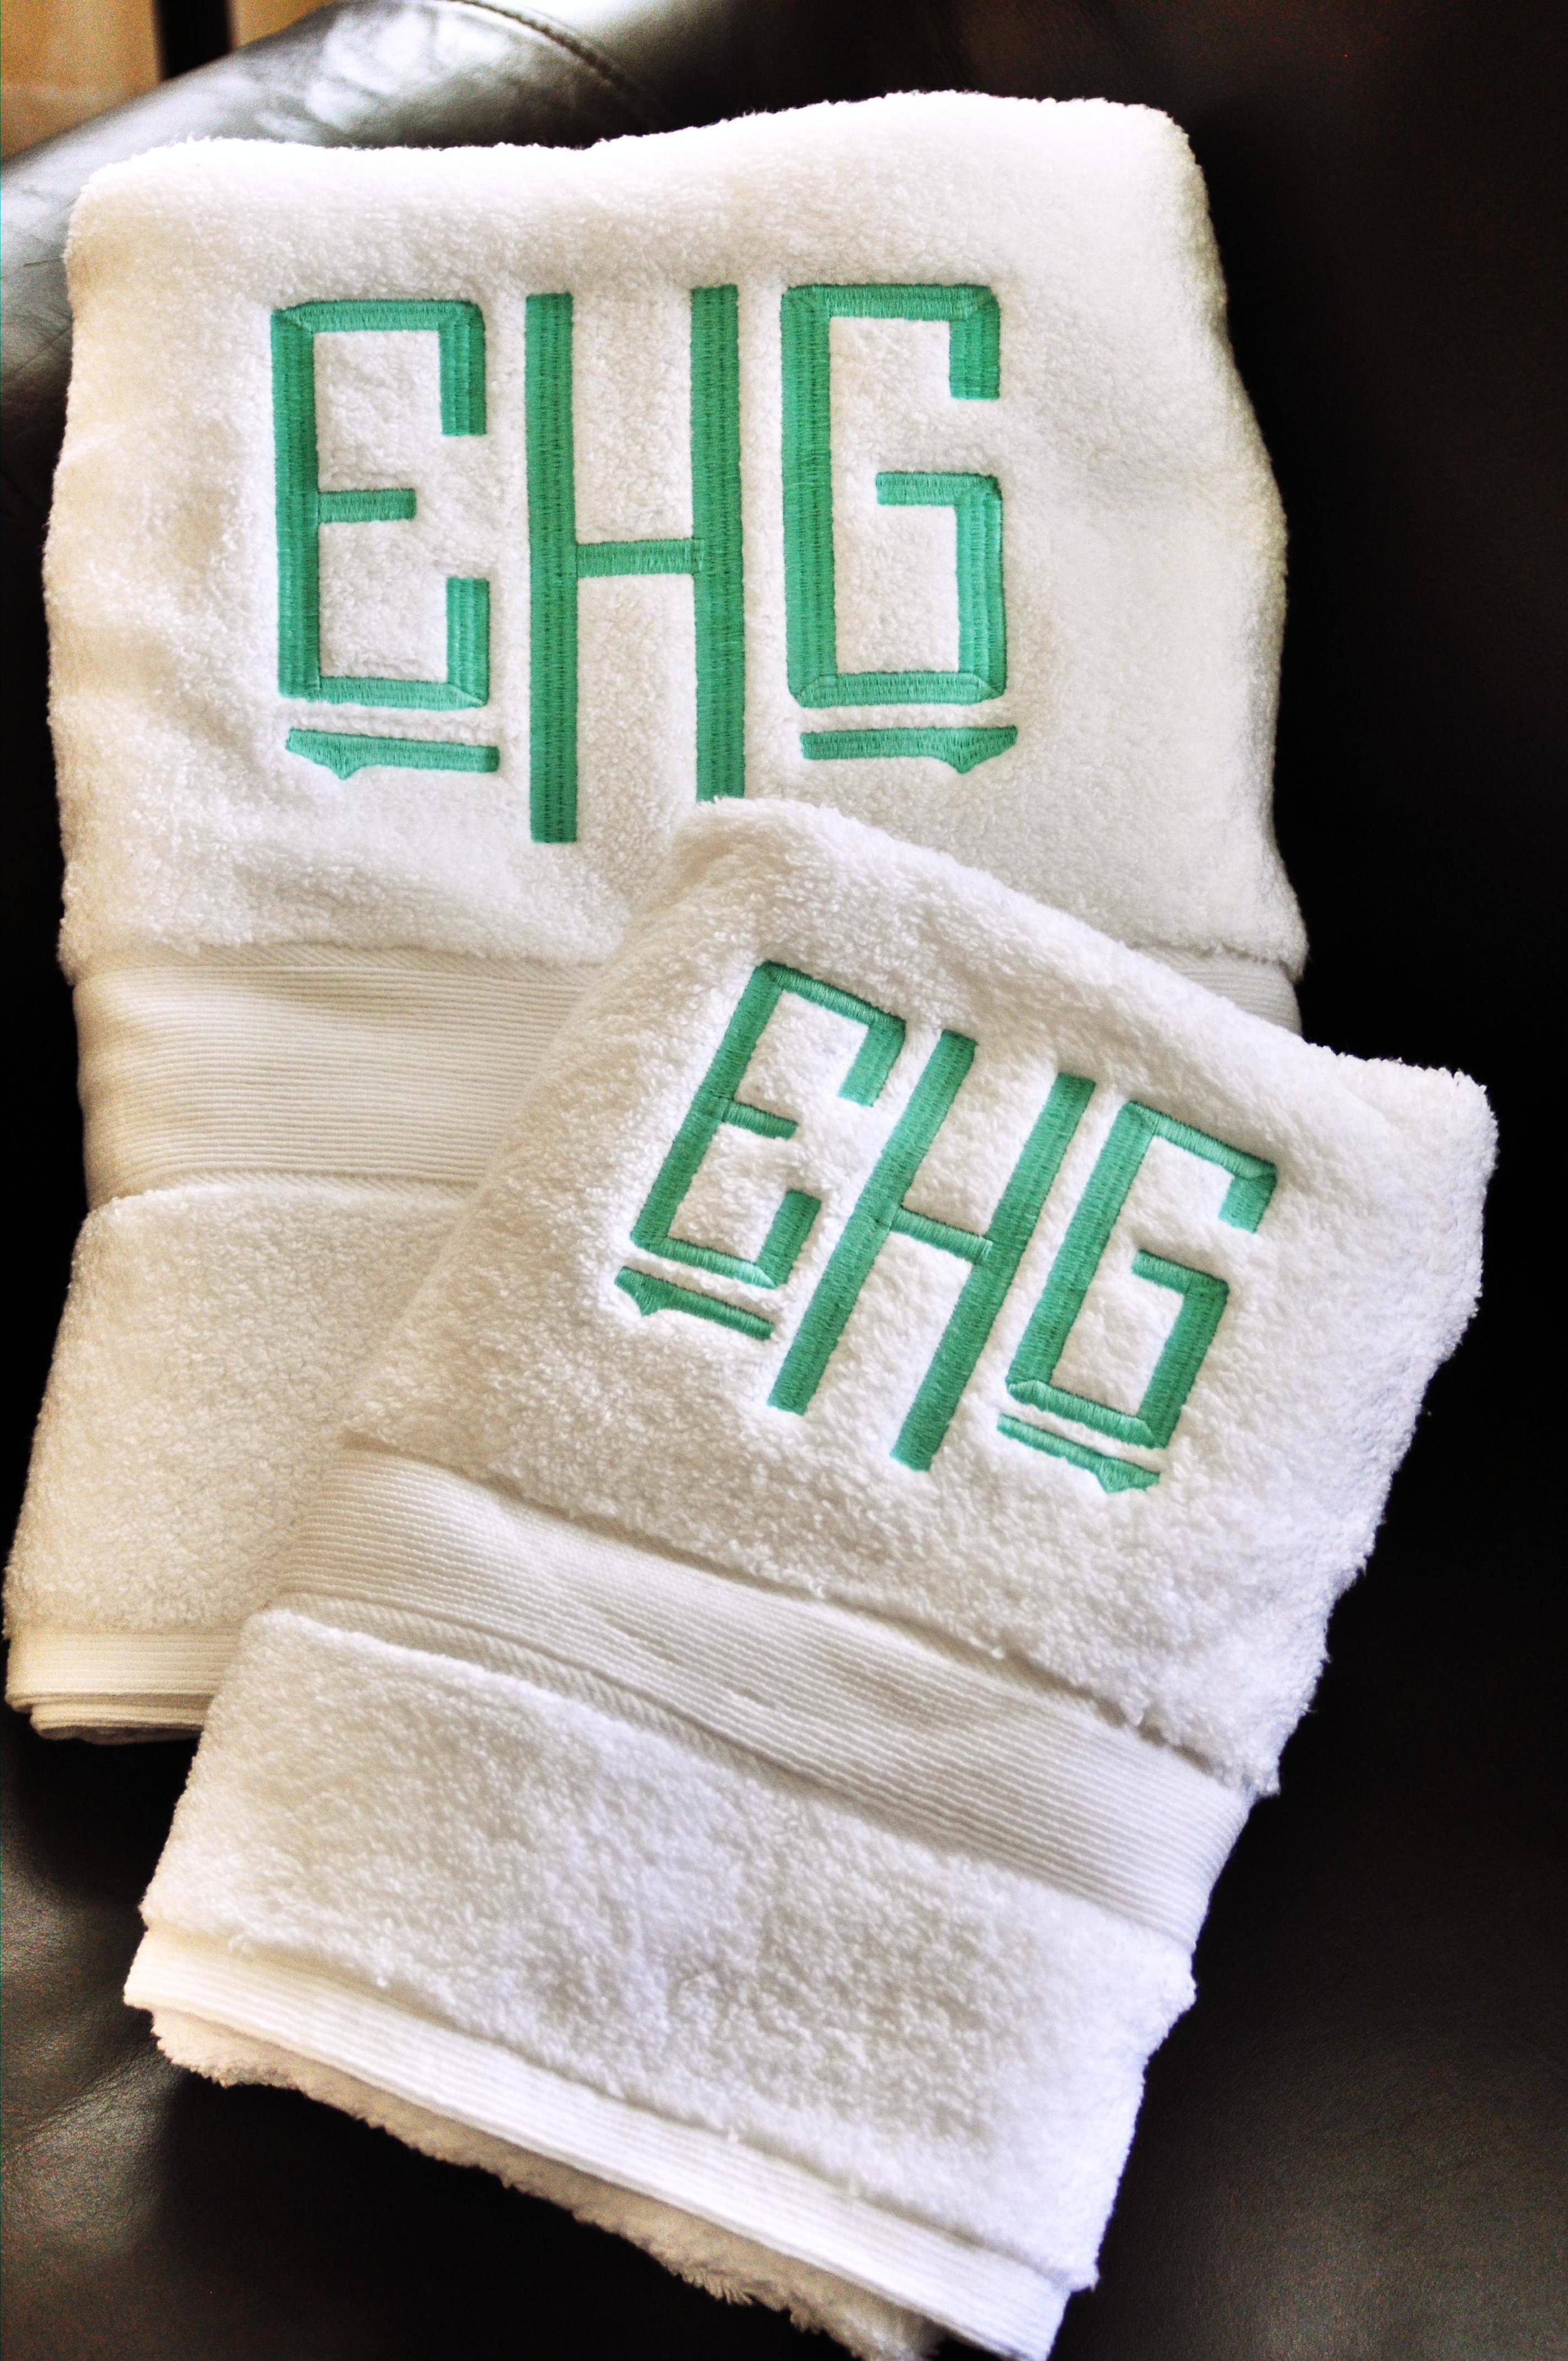 DSC_0235_Towels.jpg